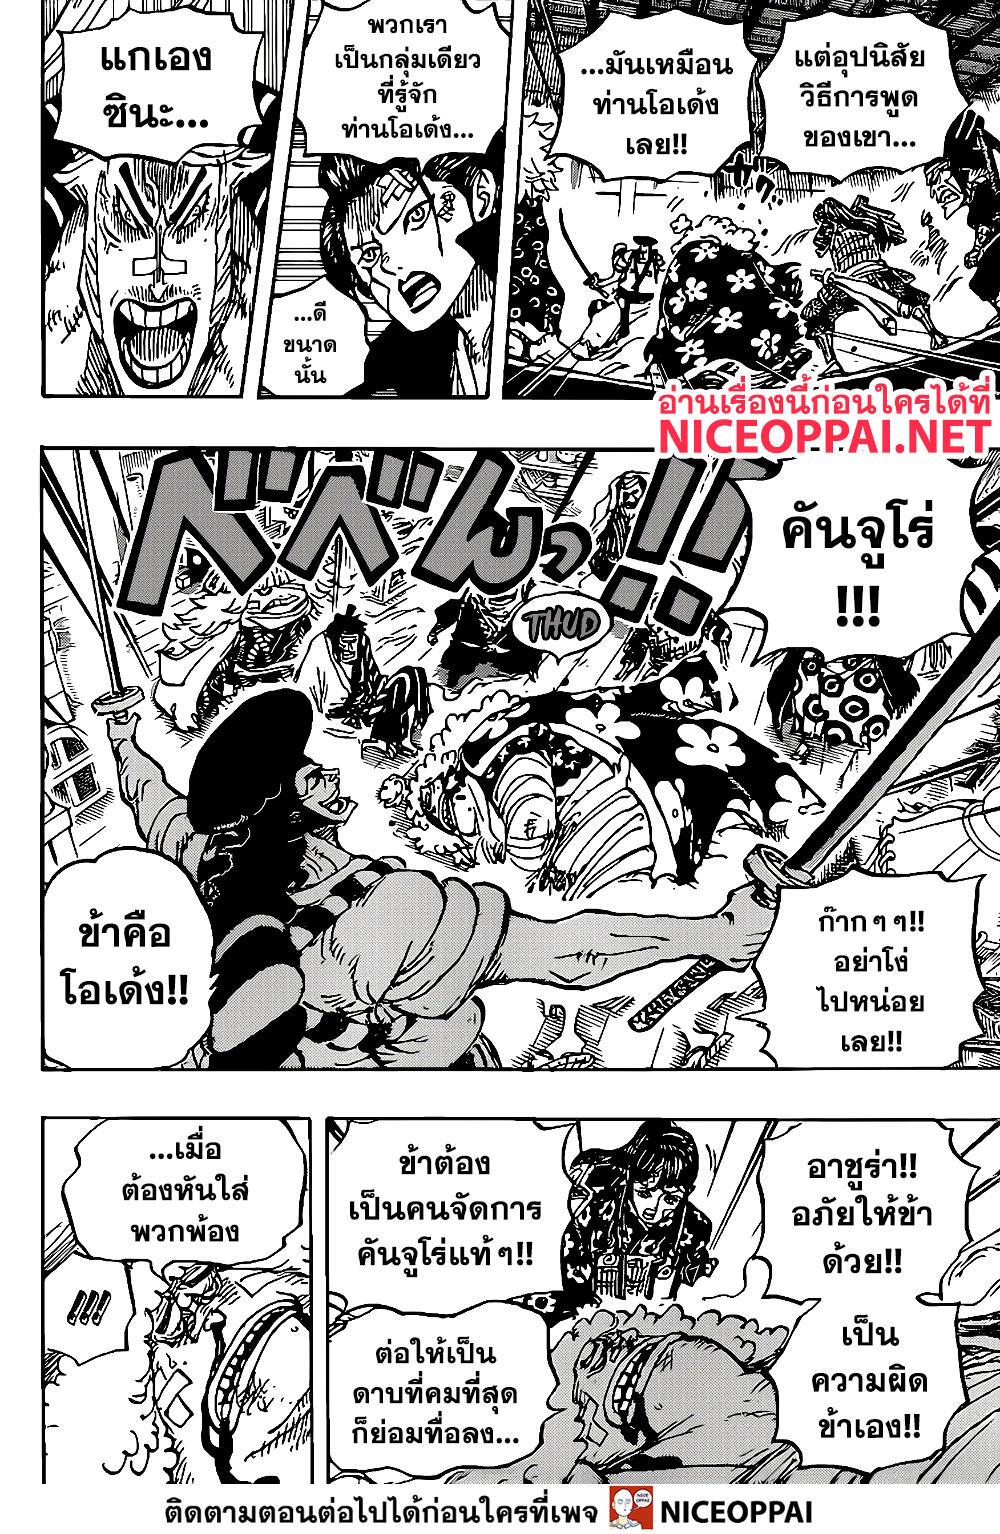 อ่านการ์ตูน One Piece ตอนที่ 1008 หน้าที่ 6